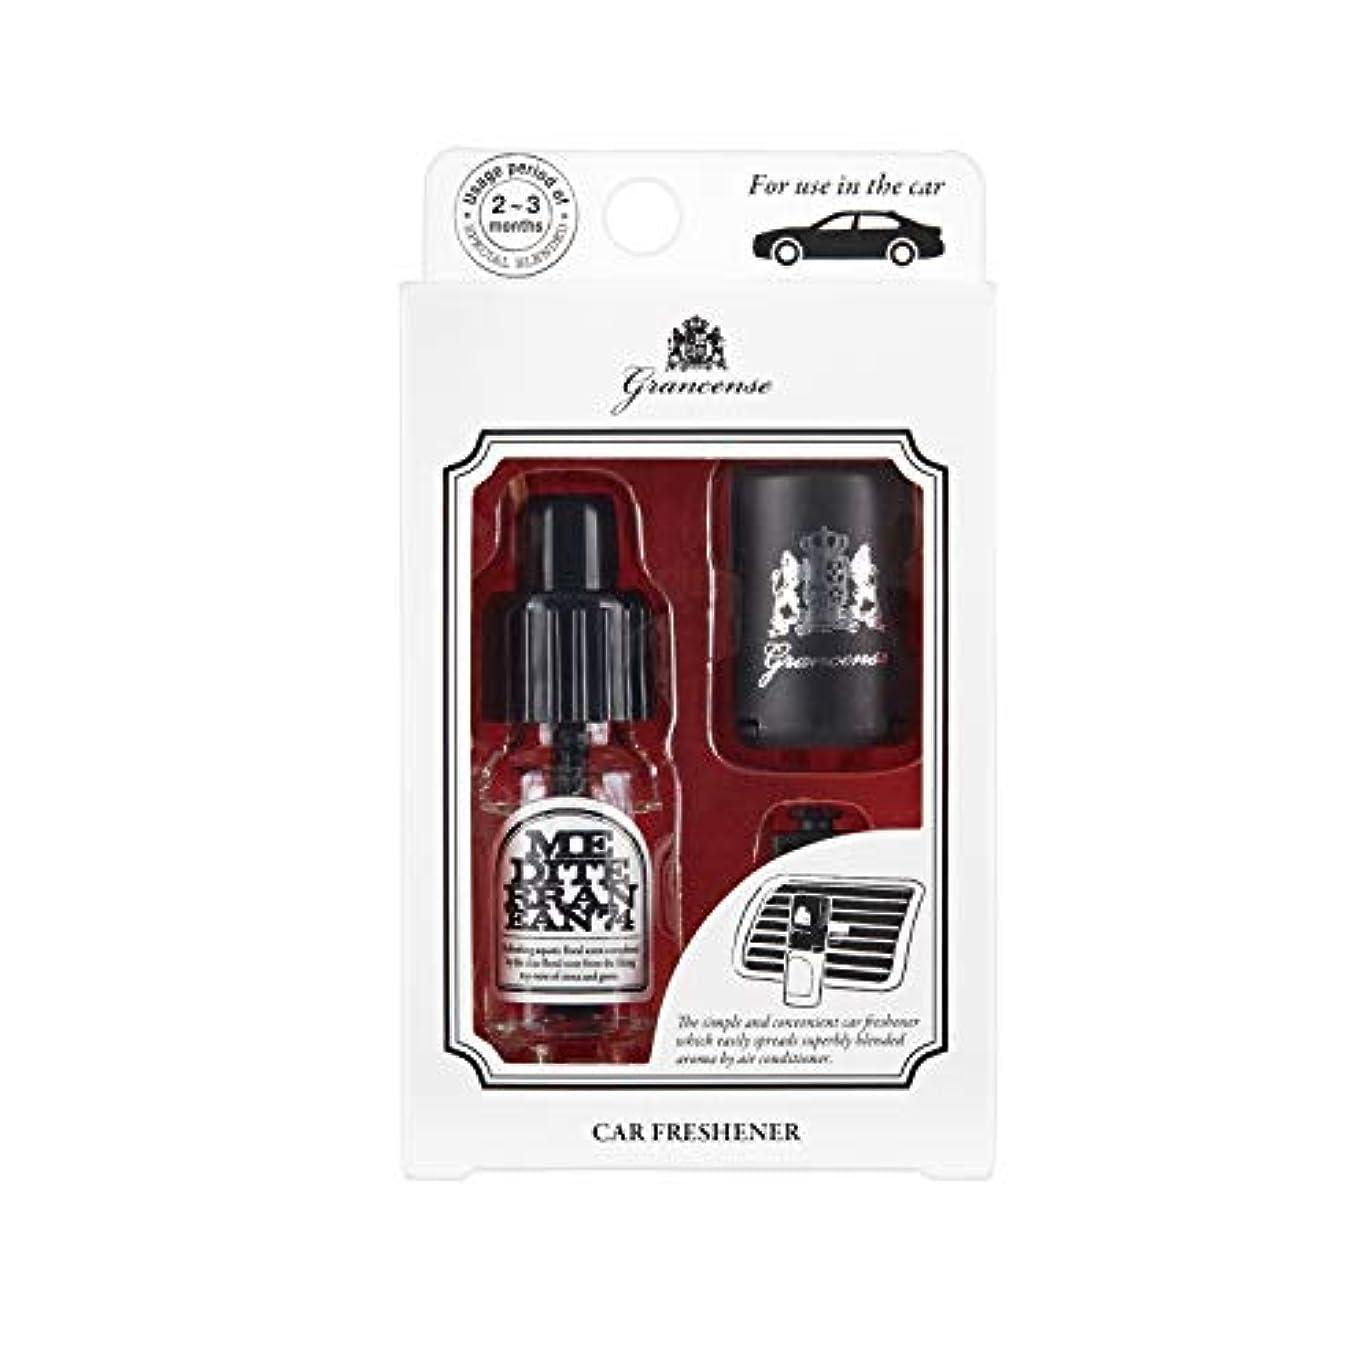 マニア魔術師フェデレーショングランセンス カーフレッシュナー メディテレーニアン 10mL (車用芳香剤 カーディフューザー 2-3ヶ月 日本製)